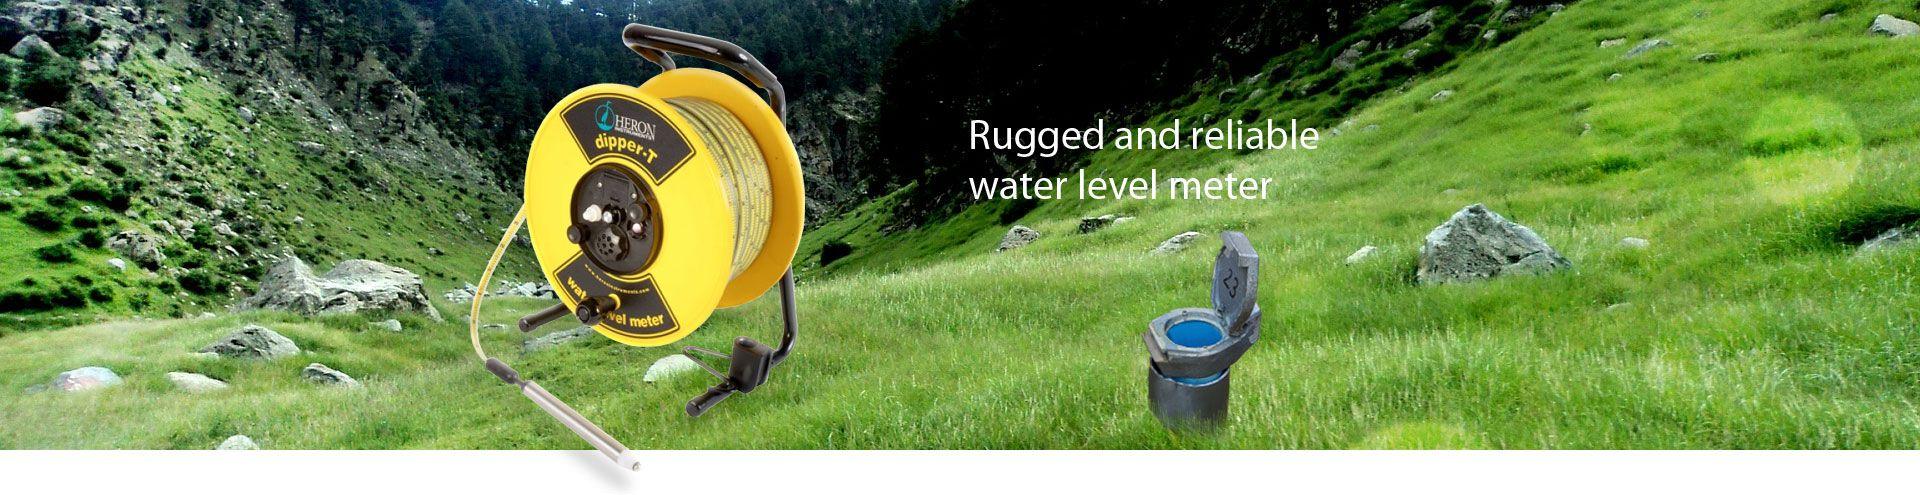 dipper-T Water Level Meter Rental